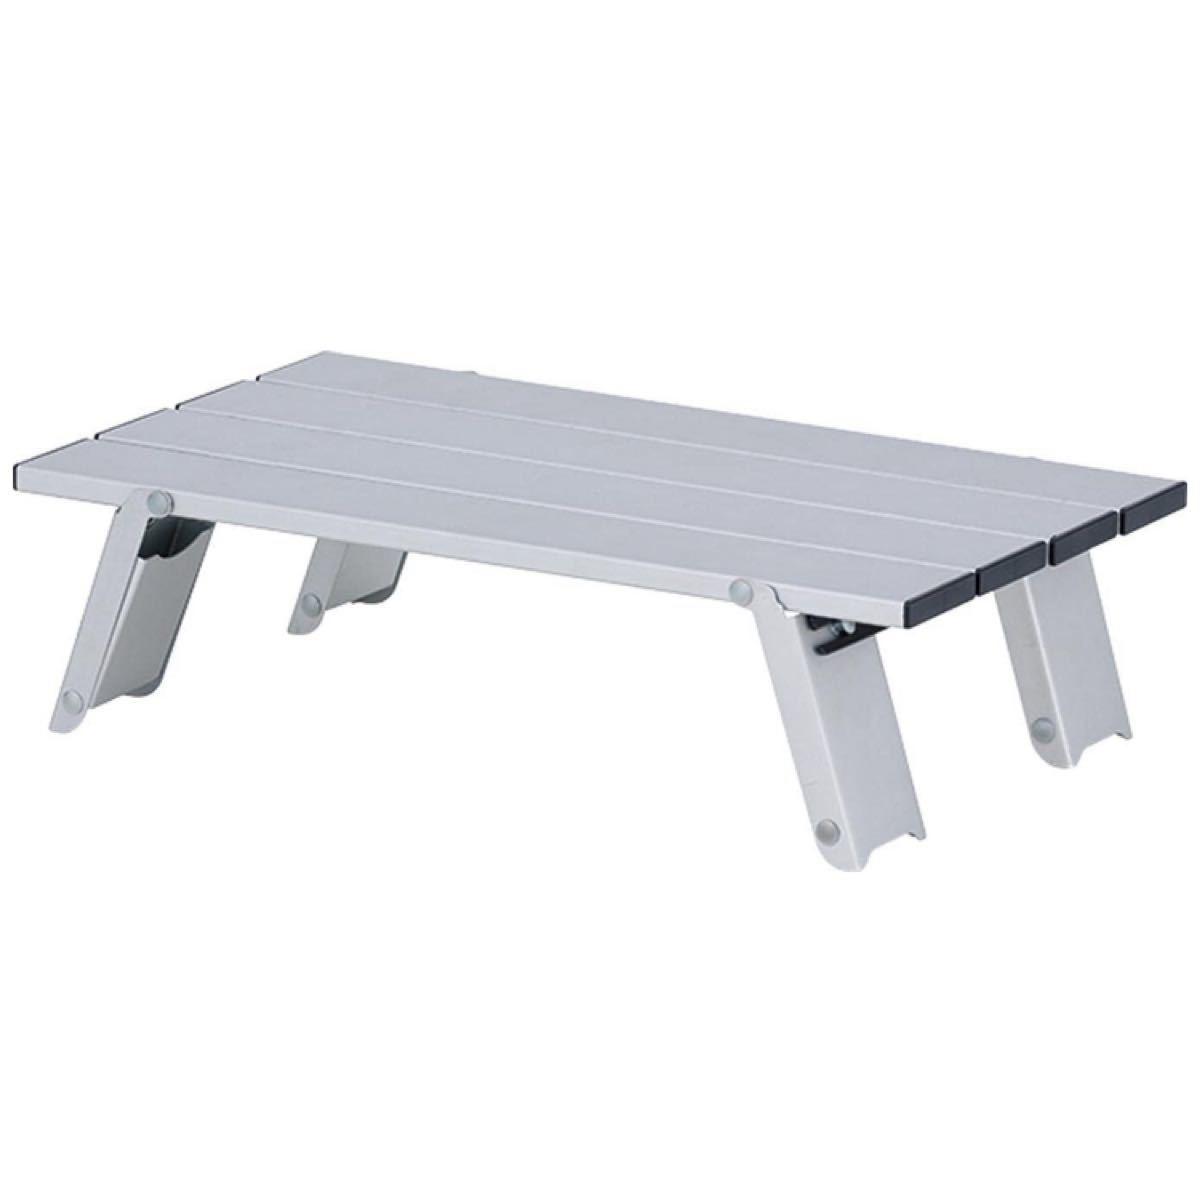 アウトドアコンパクトテーブル